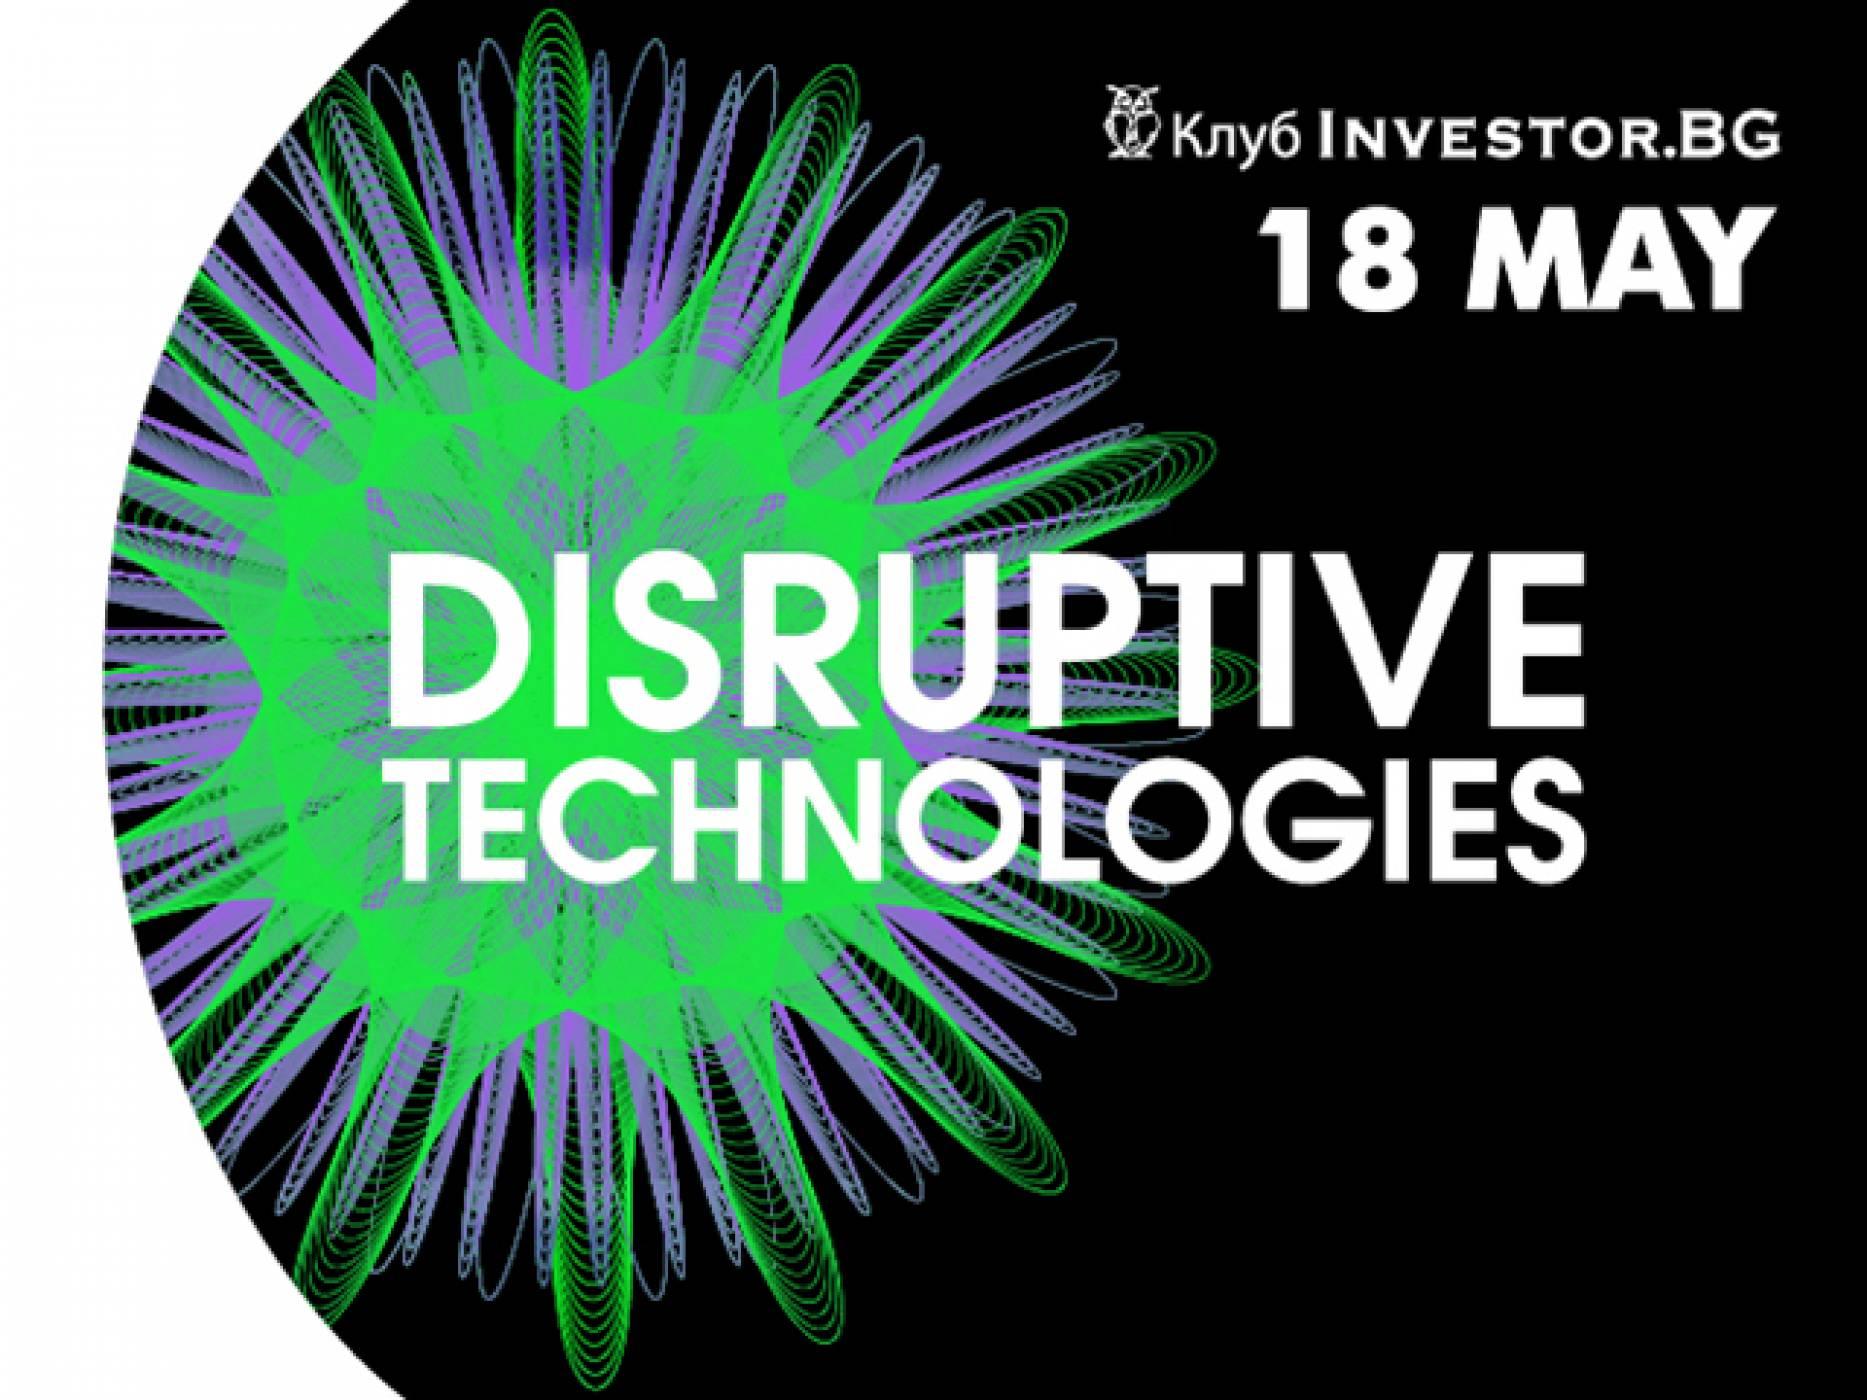 Обсъждаме Disruptive Technologies с Клуб Investor.bg на 18 май